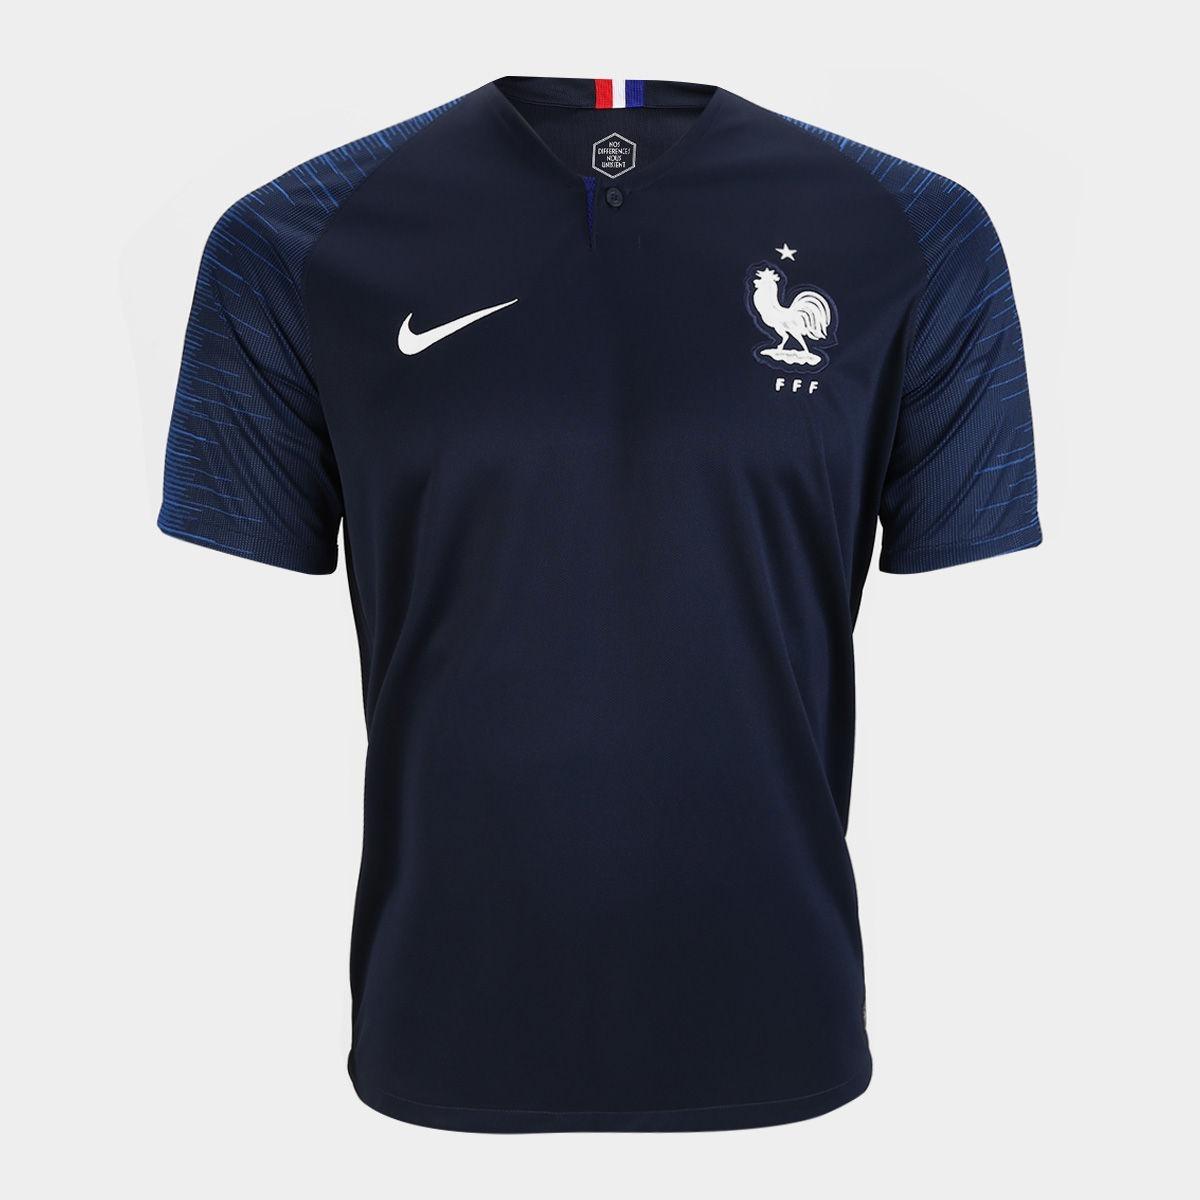 Camiseta Da França Nike Lançamento Copa 2018 Mega Barato!! - R  150 ... a0b70a6e74534